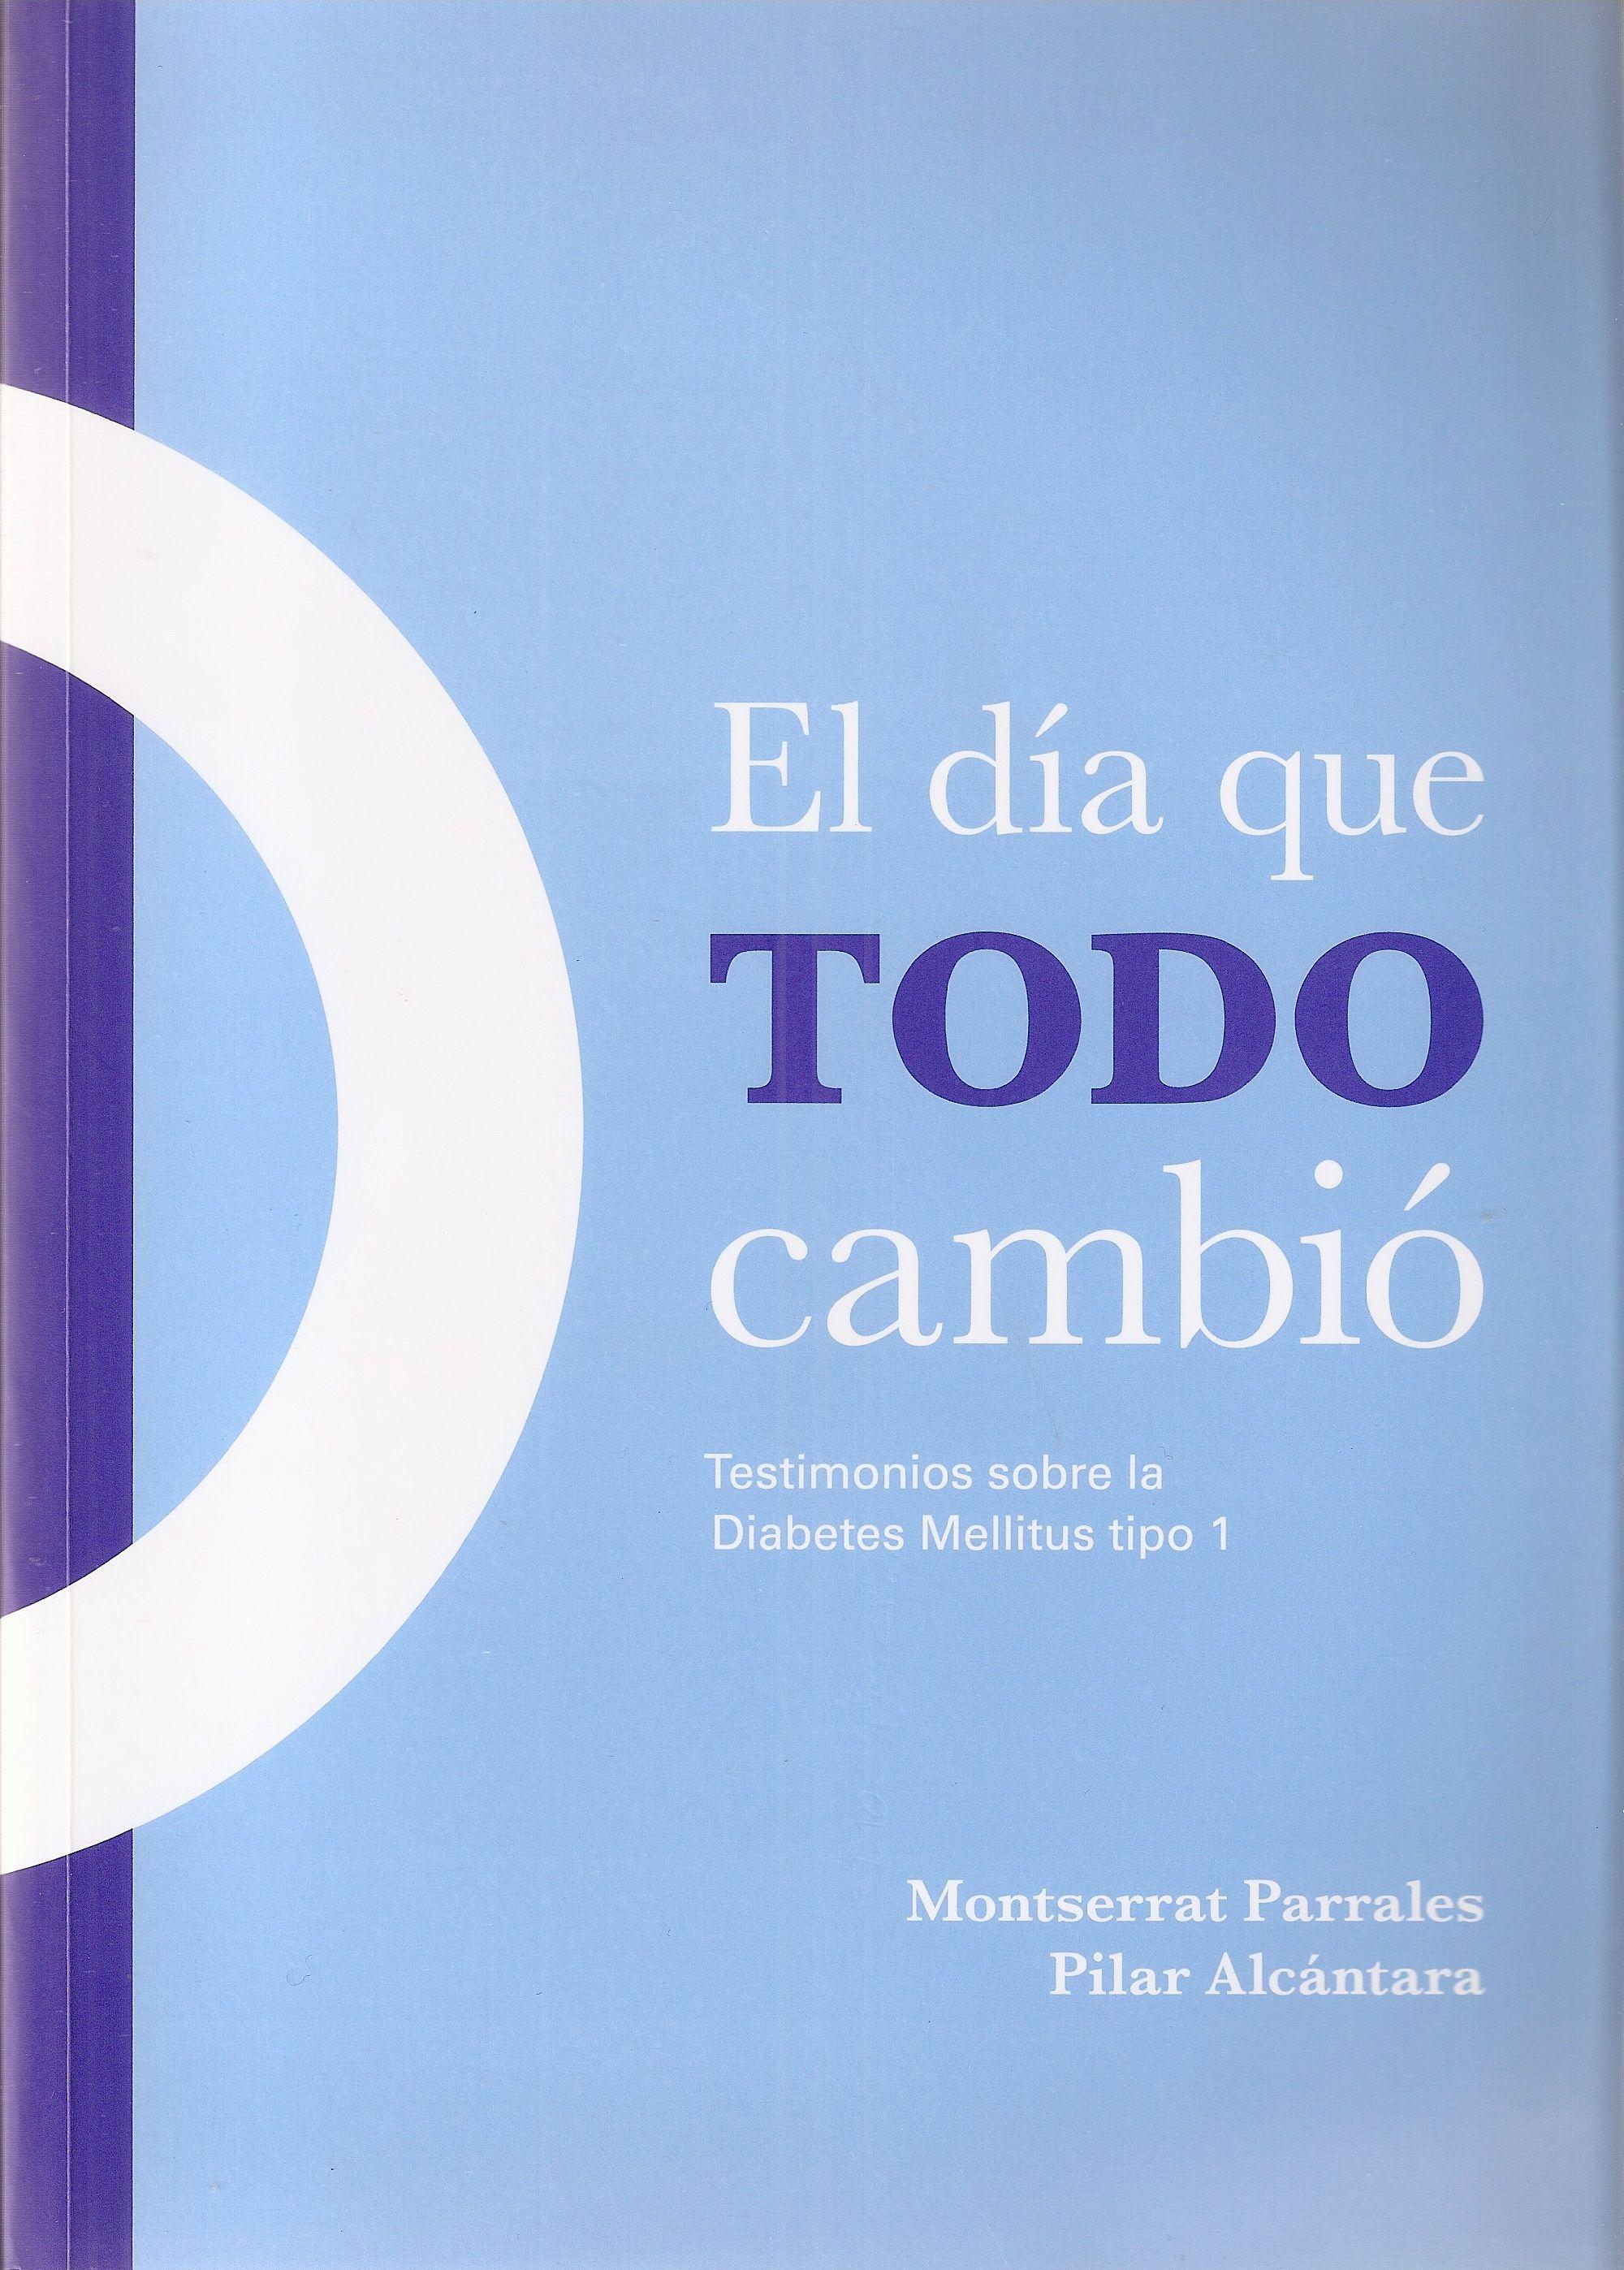 Del 15 al 22 de noviembre,  14 de noviembre, Día Mundial de la Diabetes. Esta semana os proponemos un libro de   Montserrat Parrales y Pilar Alcántara que  contiene testimonios llenos de emoción  y sentimiento de personas que conviven de cerca con esta enfermedad… http://roble.unizar.es/record=b1891401